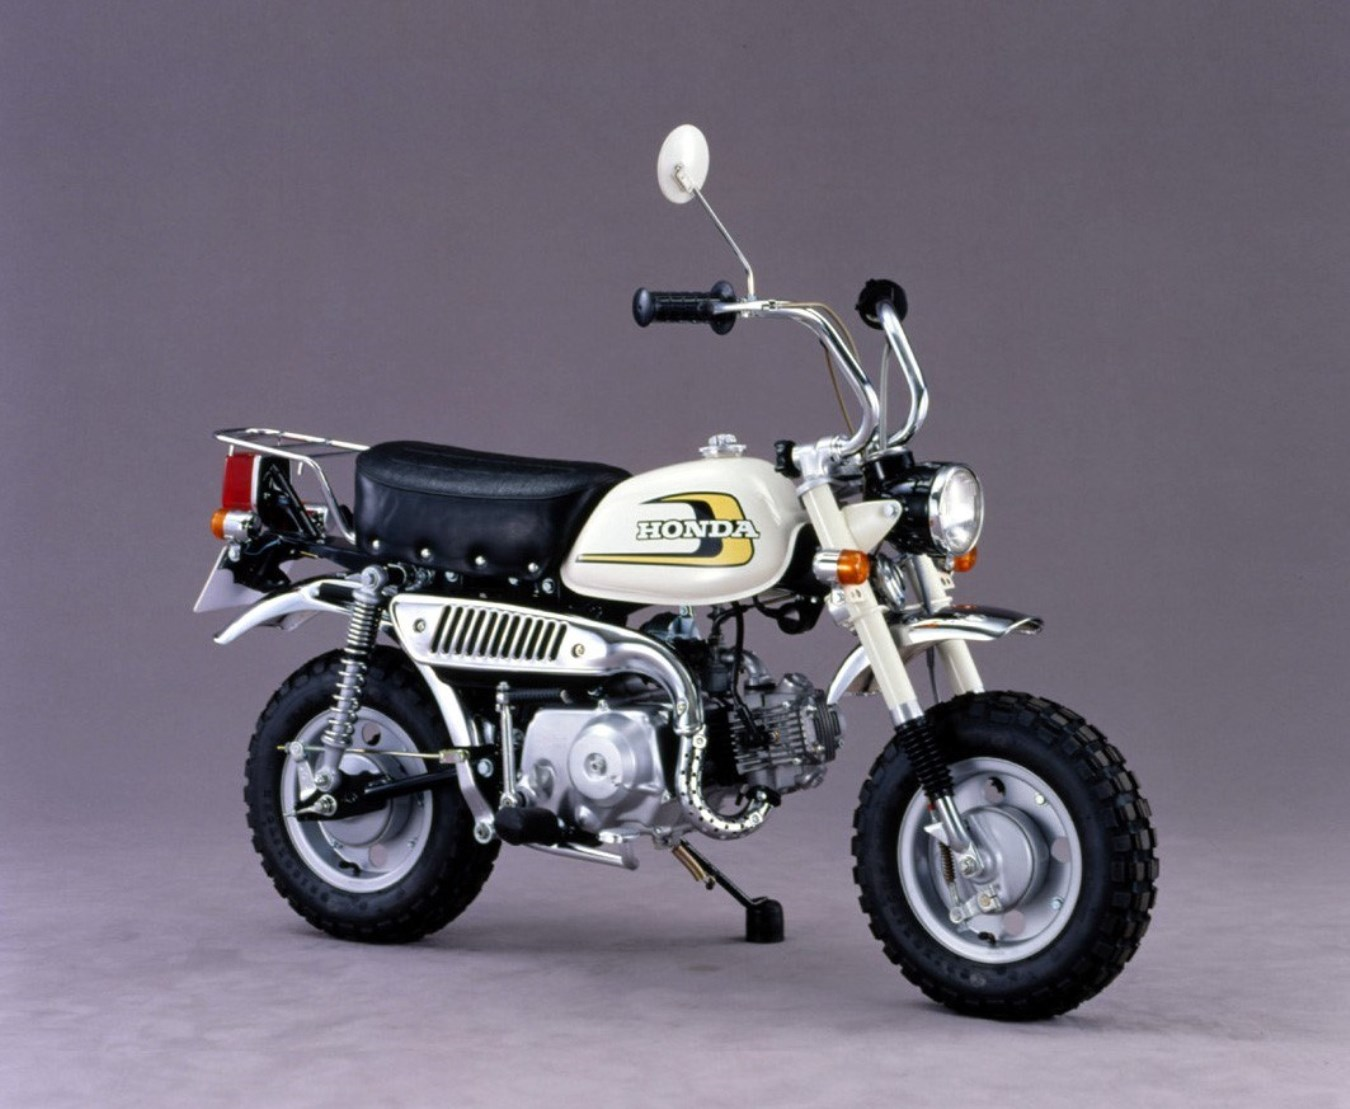 1974 - Z50J, עם מתלה אחורי וצמד בולמים, מיכל טרפזי לראשונה וצמיגי קוביות